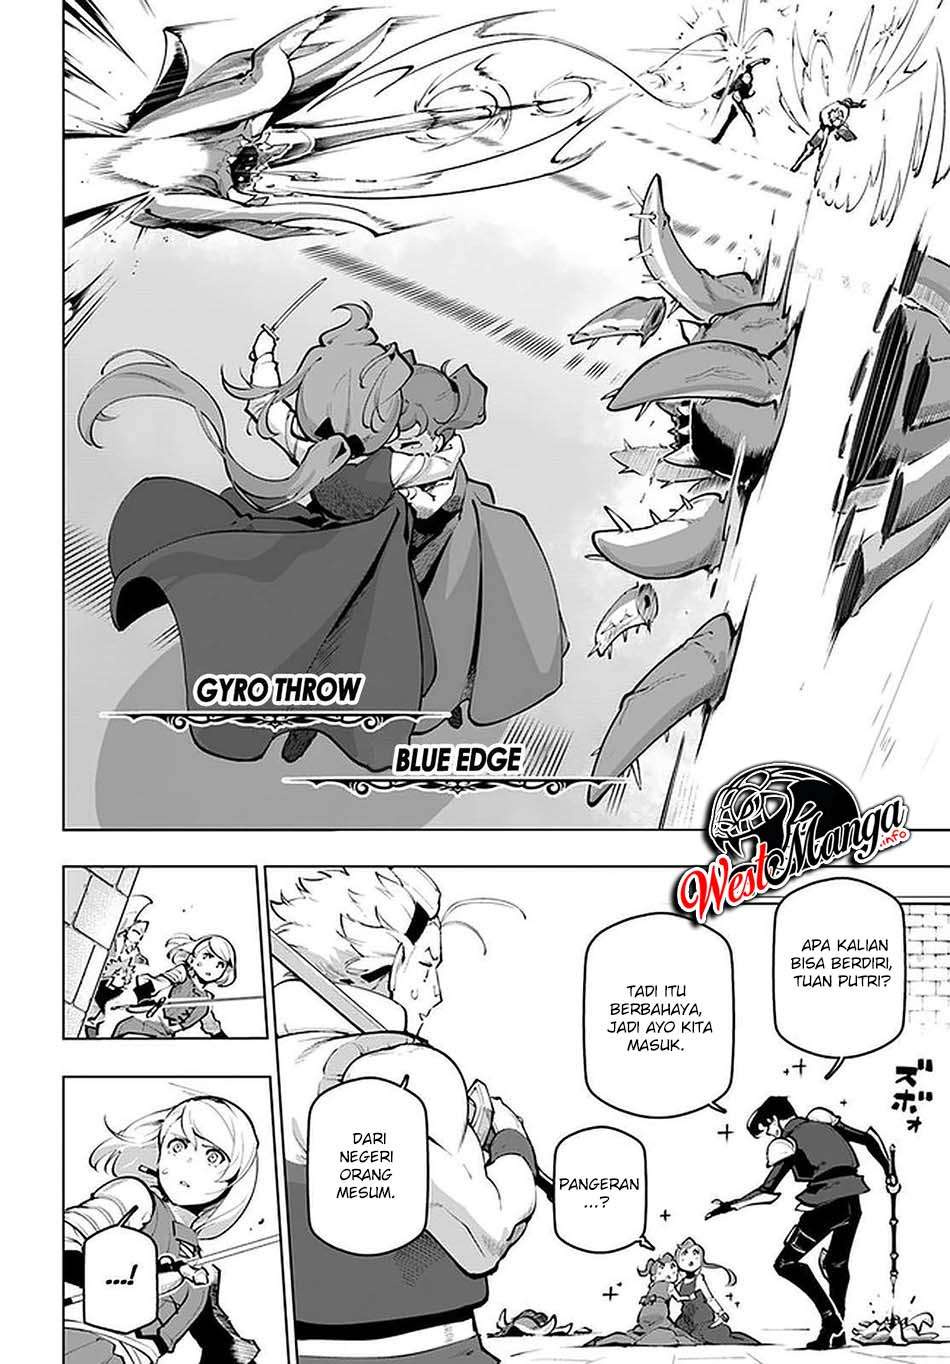 Sekai Saikyou no Kouei: Meikyuukoku no Shinjin Tansakusha: Chapter 19.2 - Page 9